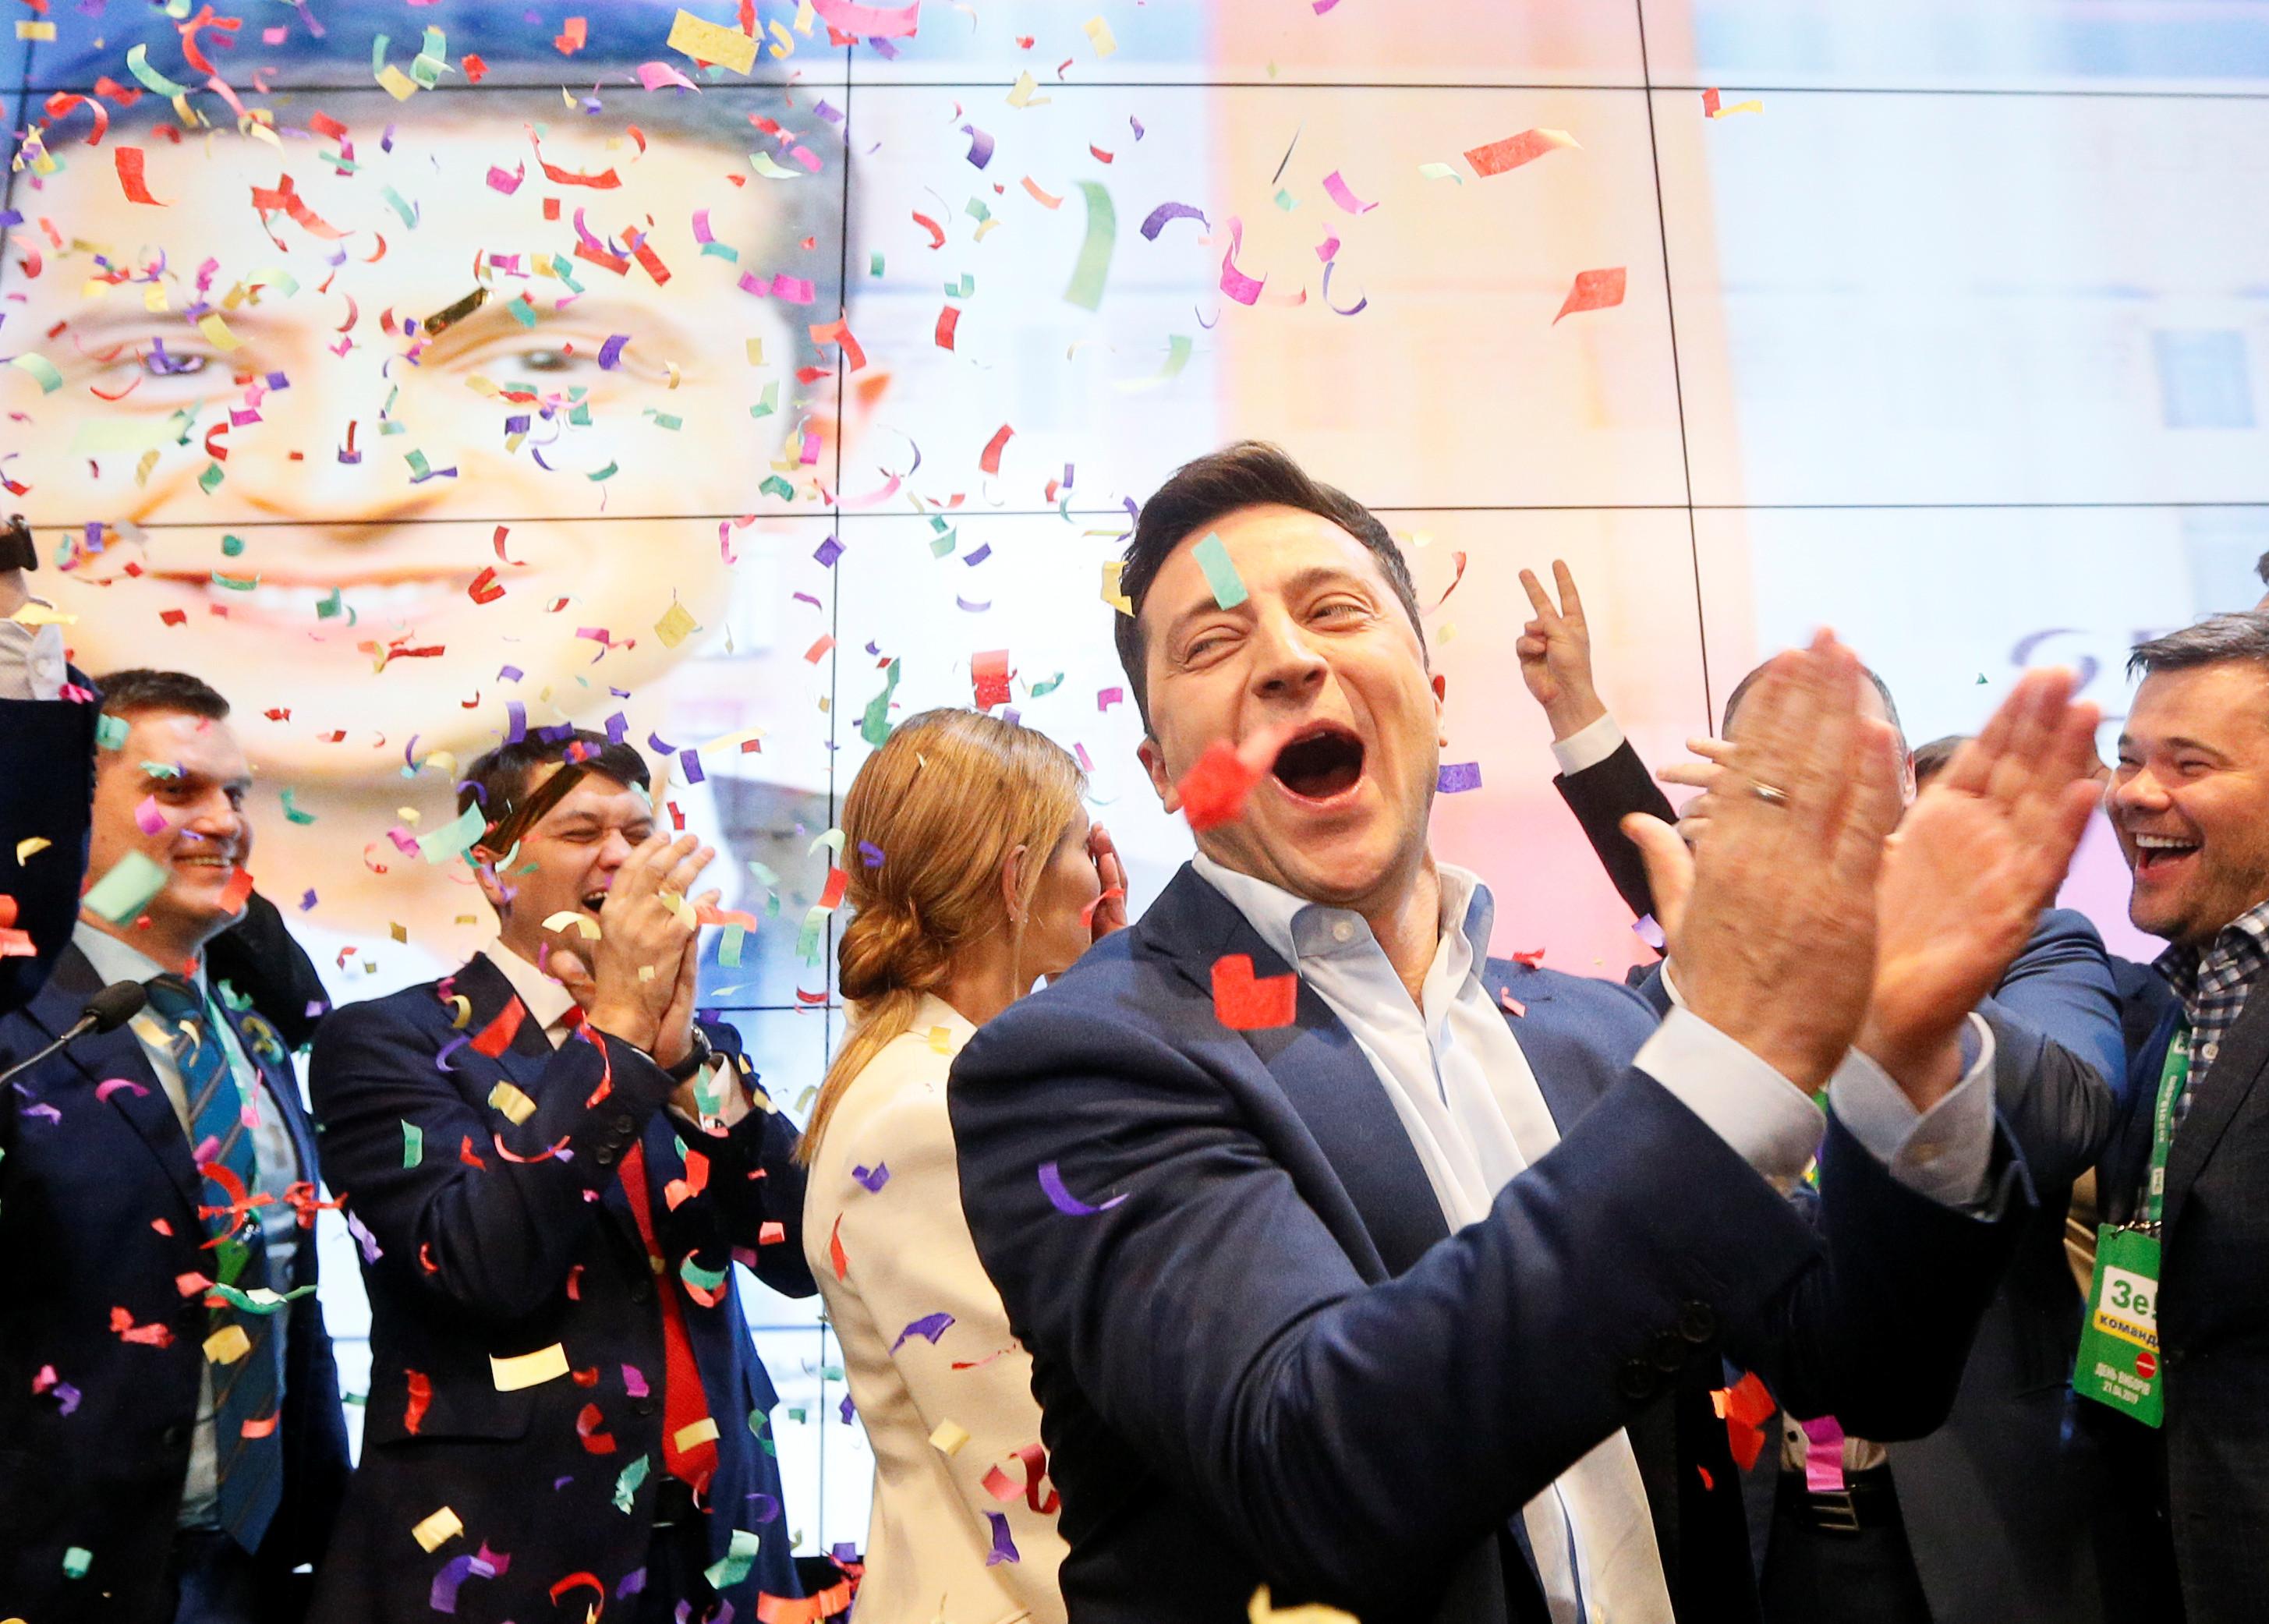 Comediante Vladimir Zelenski vence eleições presidenciais na Ucrânia